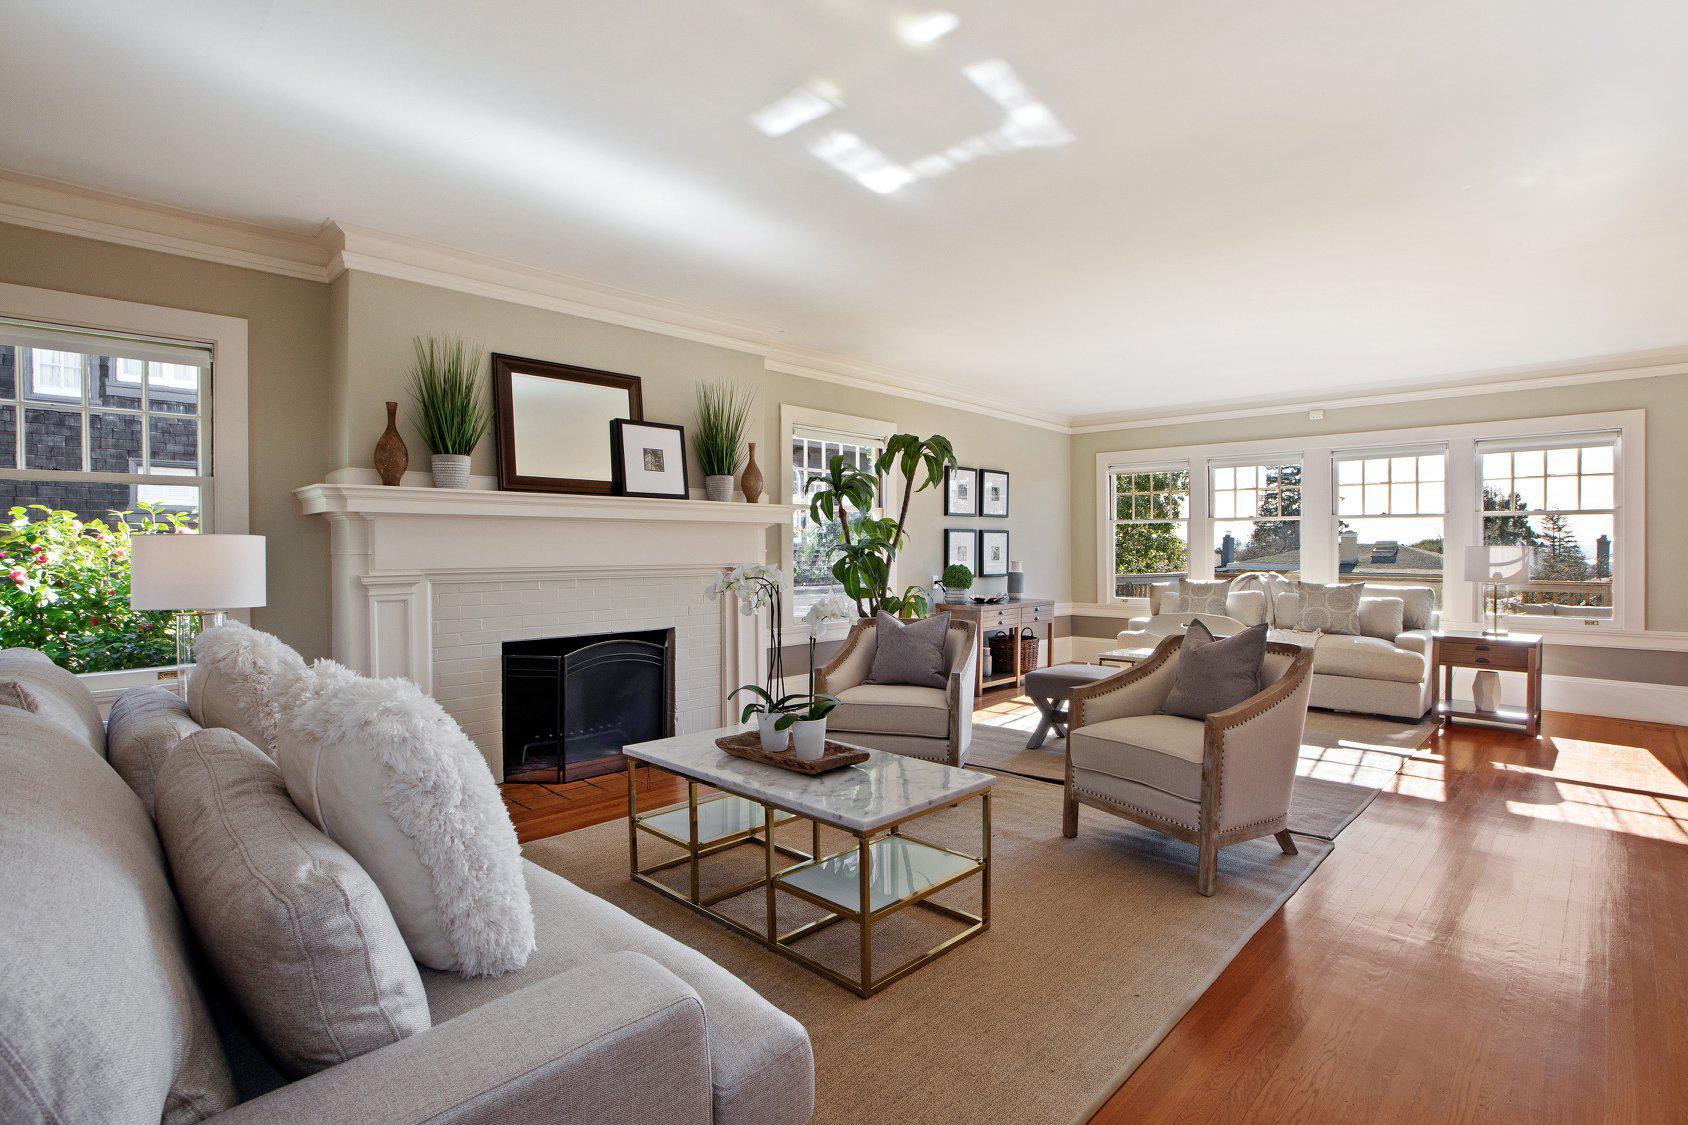 Debbi DiMaggio & Adam Betta | Real Estate image 3